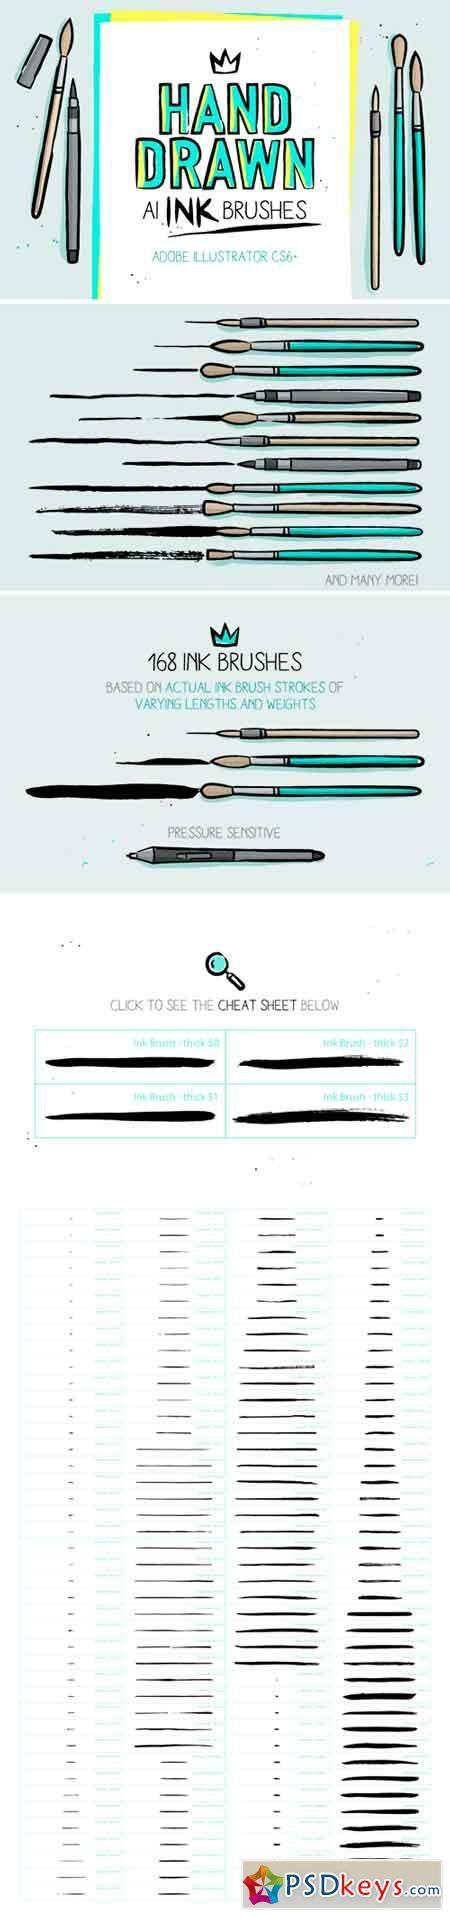 adobe illustrator cs6 brushes free download 168 illustrator ink brushes 514227 187 free download